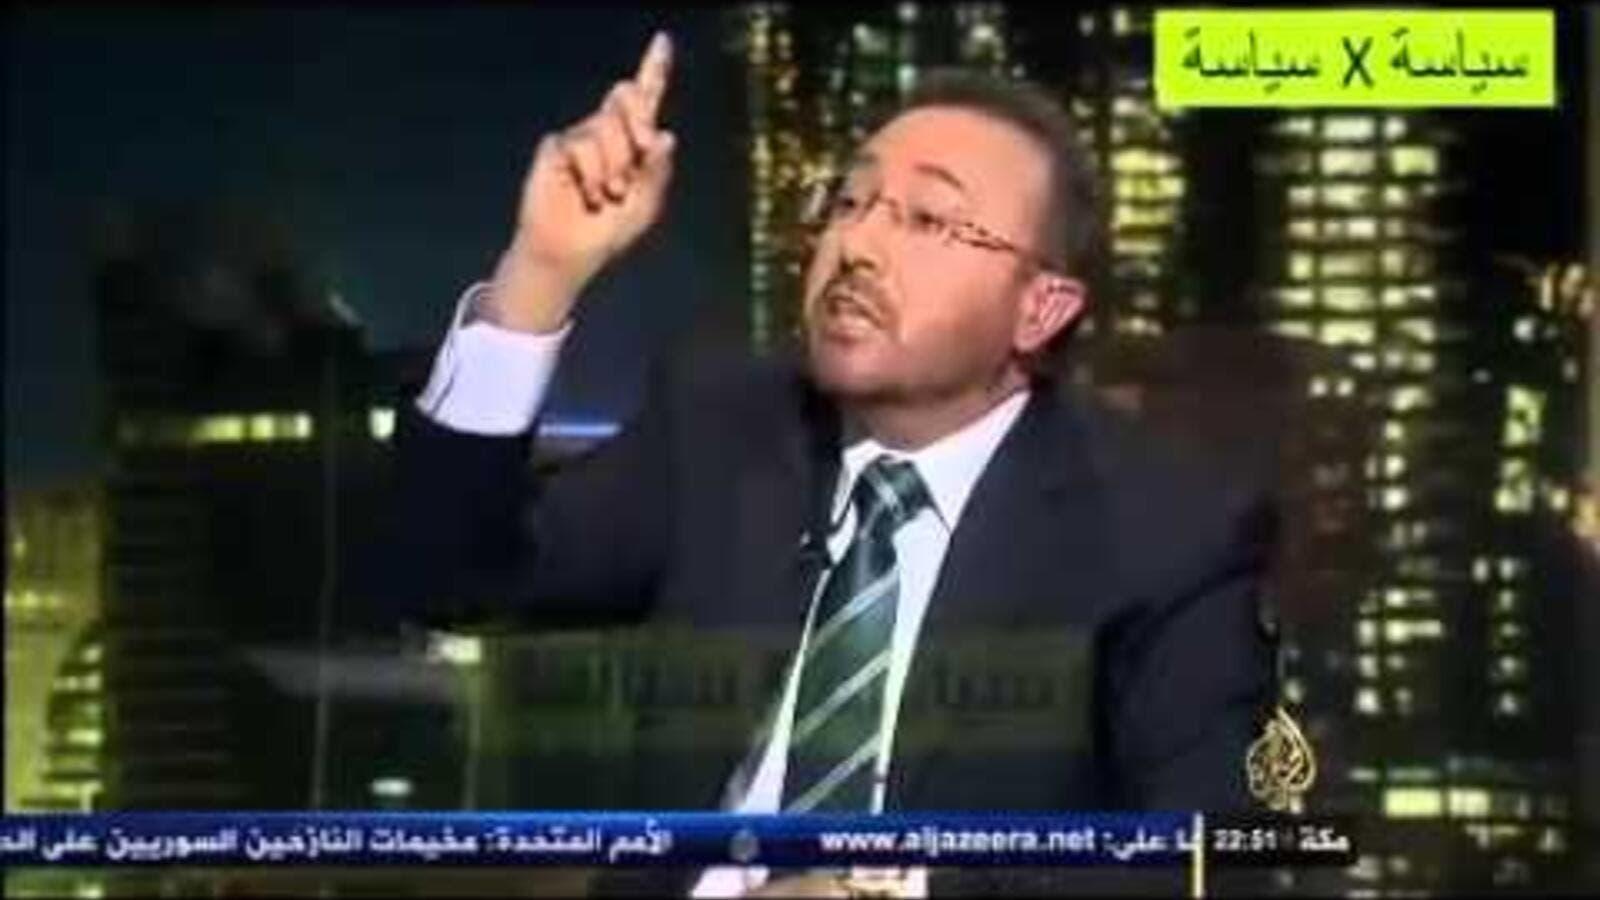 Al Jazeera presenter Faisal al-Kasim trolls Syrian army on